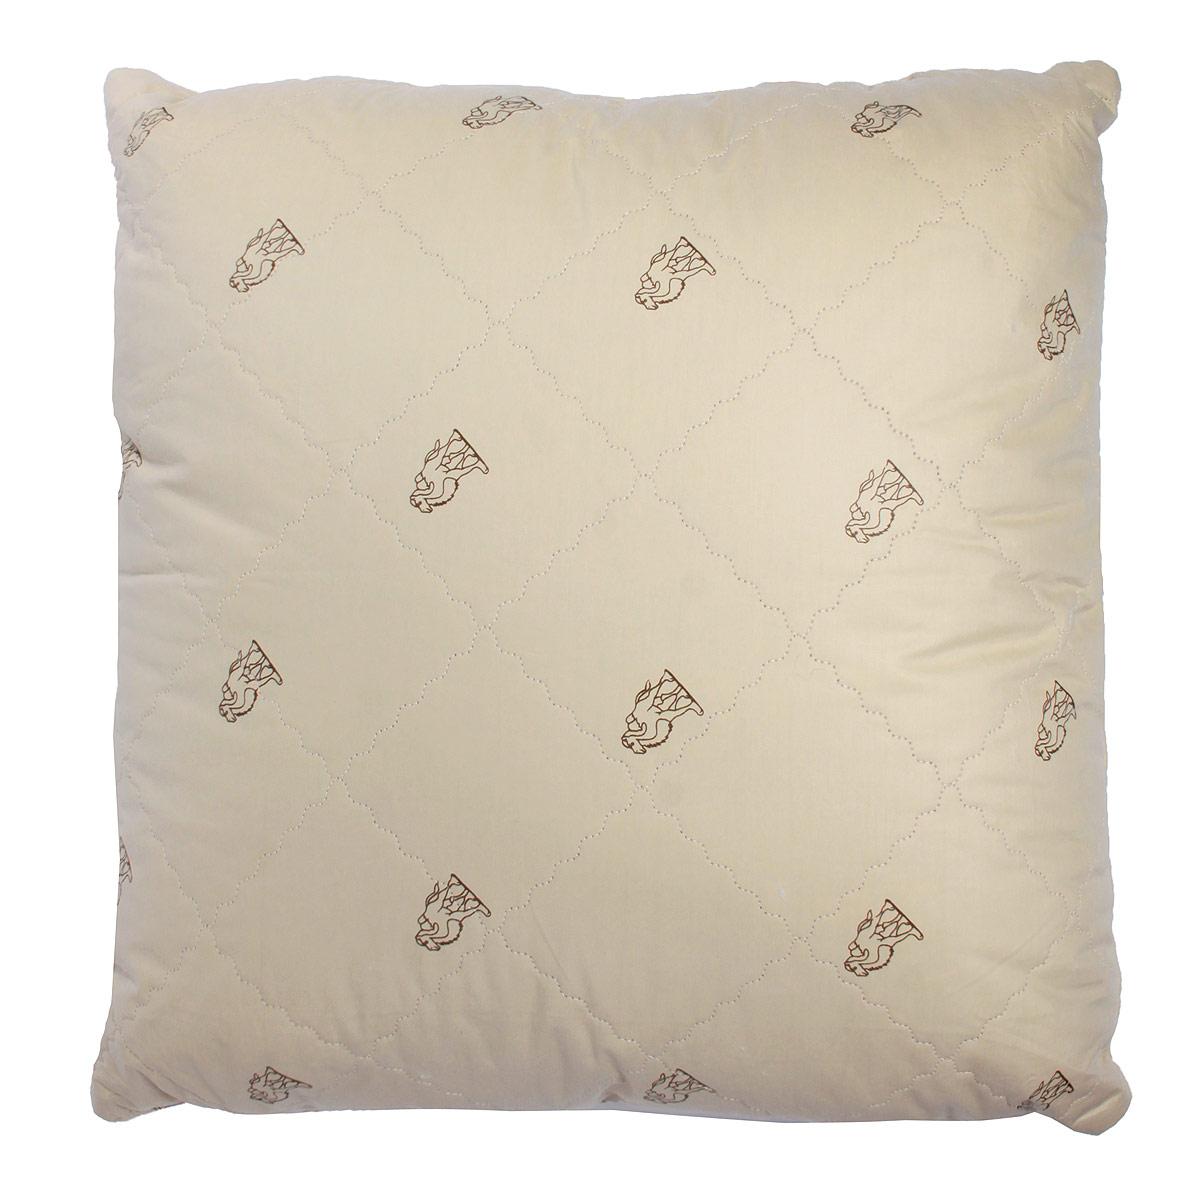 Подушка Verossa, наполнитель: верблюжья шерсть, 70 х 70 см170920Стеганый чехол подушки Verossa выполнен из натуральной хлопковой ткани бежевого цвета. Чехол продублирован пластом из верблюжьей шерсти. Основной наполнитель подушки - искусственный лебяжий пух. Наполнитель обладает высокой гигроскопичностью, создавая эффект сухого тепла. Волокна верблюжьей шерсти полые внутри, образуют пласт, содержащий множество воздушных кармашков, которые равномерно сохраняют и распределяют тепло, обеспечивая естественную терморегуляцию в жару и холод. Верблюжья шерсть обладает рядом уникальных лечебных свойств, благодаря которым расширяются сосуды, усиливается микроциркуляция крови. Шерсть снимает статическое напряжение, благоприятно воздействует на опорно-двигательный аппарат. Подушка, выстеганная оригинальным узором Барханы, украсит ваш дом и подарит наслаждение от отдыха. Подушка упакована в прозрачный пластиковый чехол на змейке с ручкой, что является чрезвычайно удобным при переноске.